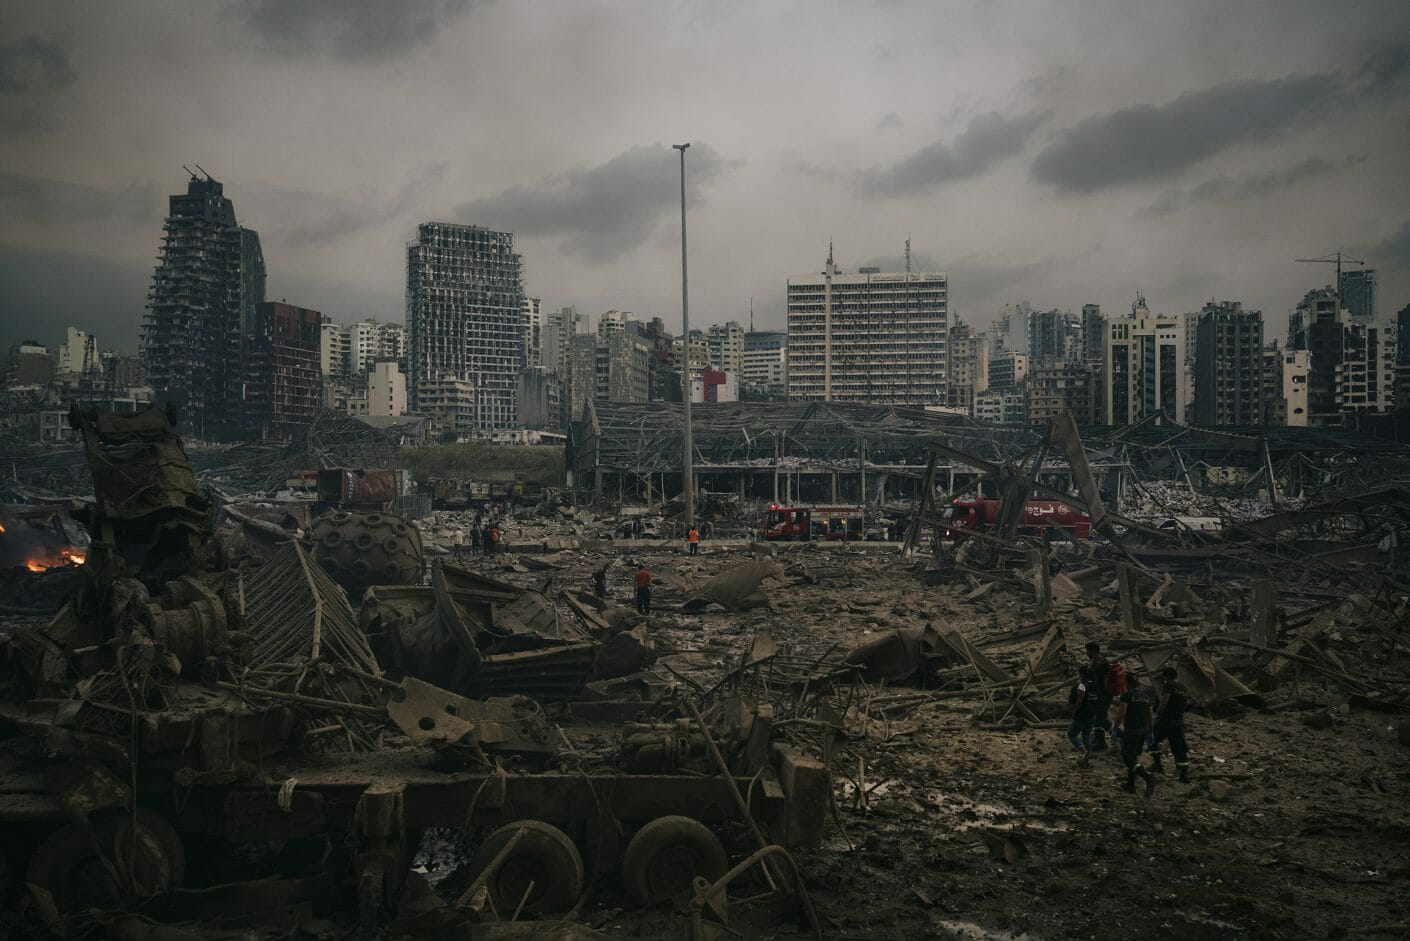 Port de Beirut après l'explosion, tout est détruit et recouvert de cendres marrons